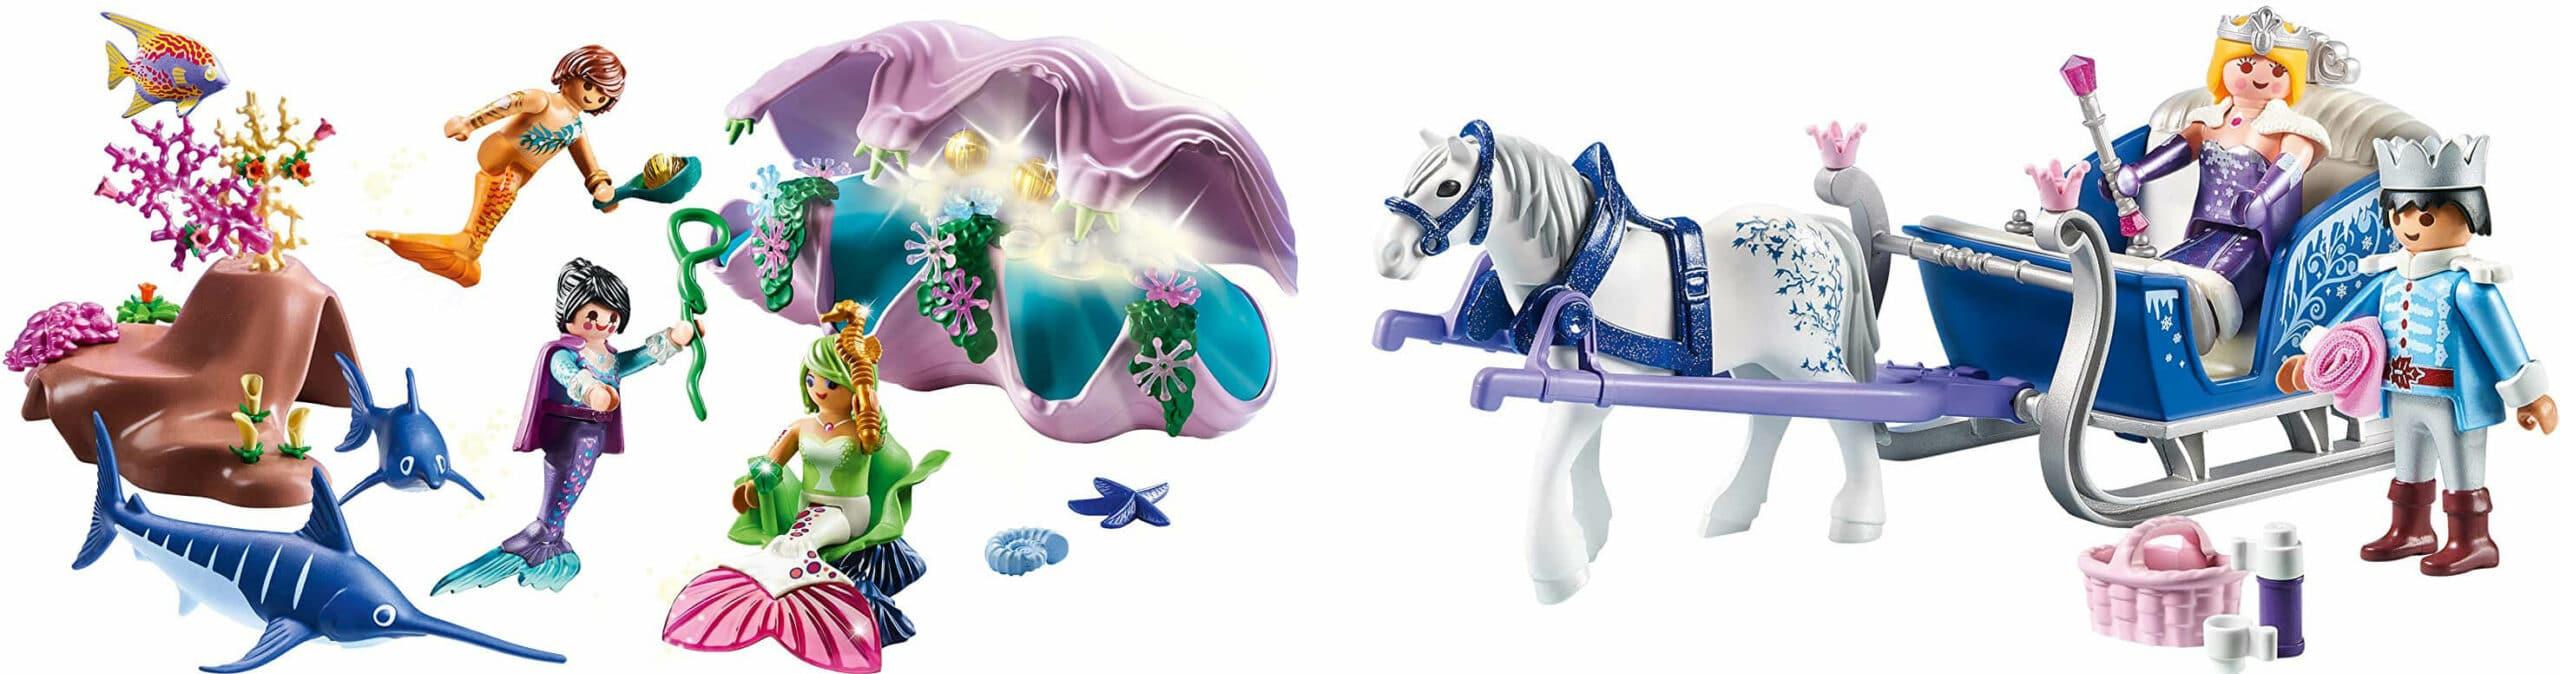 Playmobil Magic: Magische Spielwelten für Mädchen